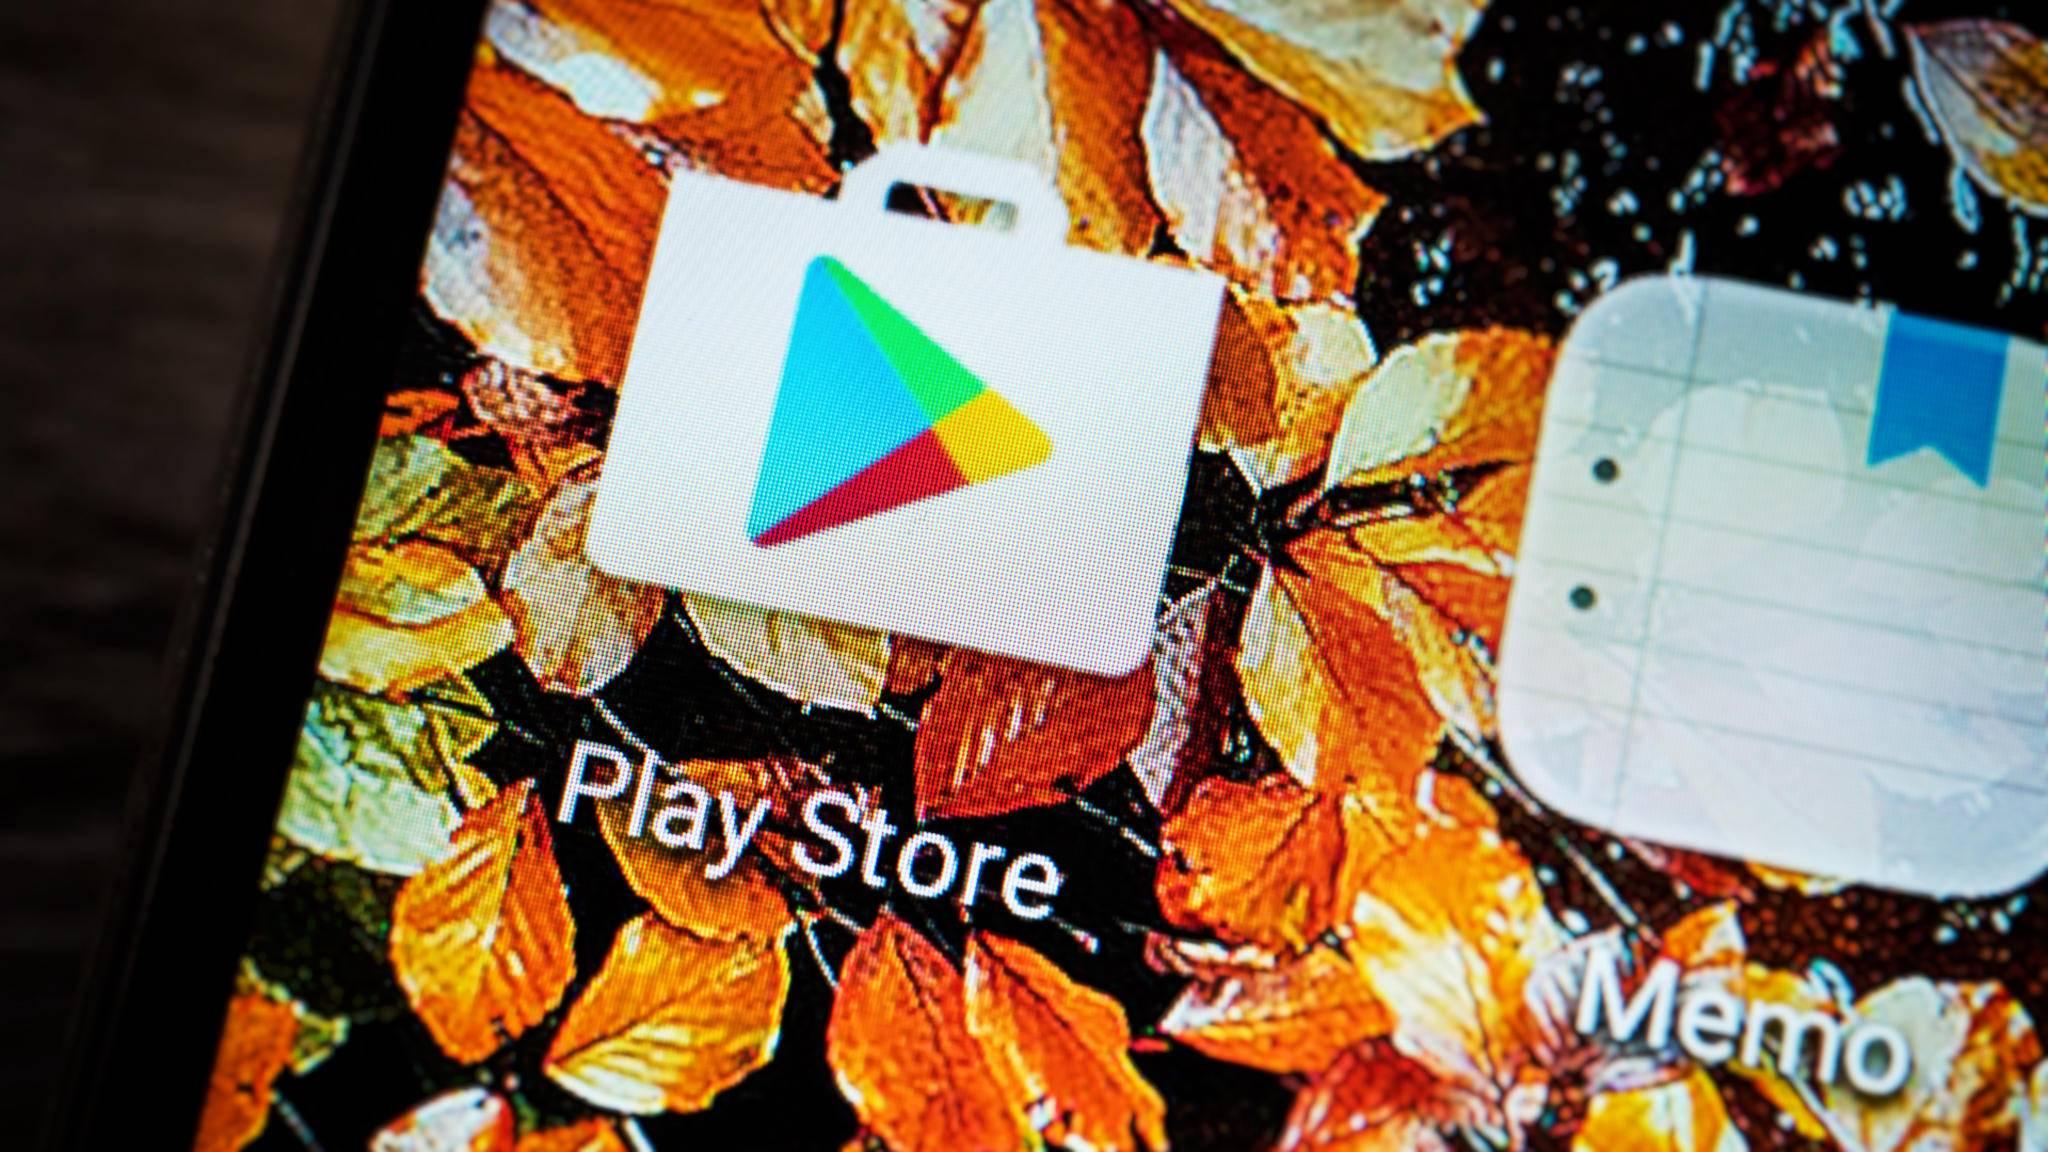 Der Google Play Store war am Sonntag für viele Android-Nutzer nicht zu erreichen.